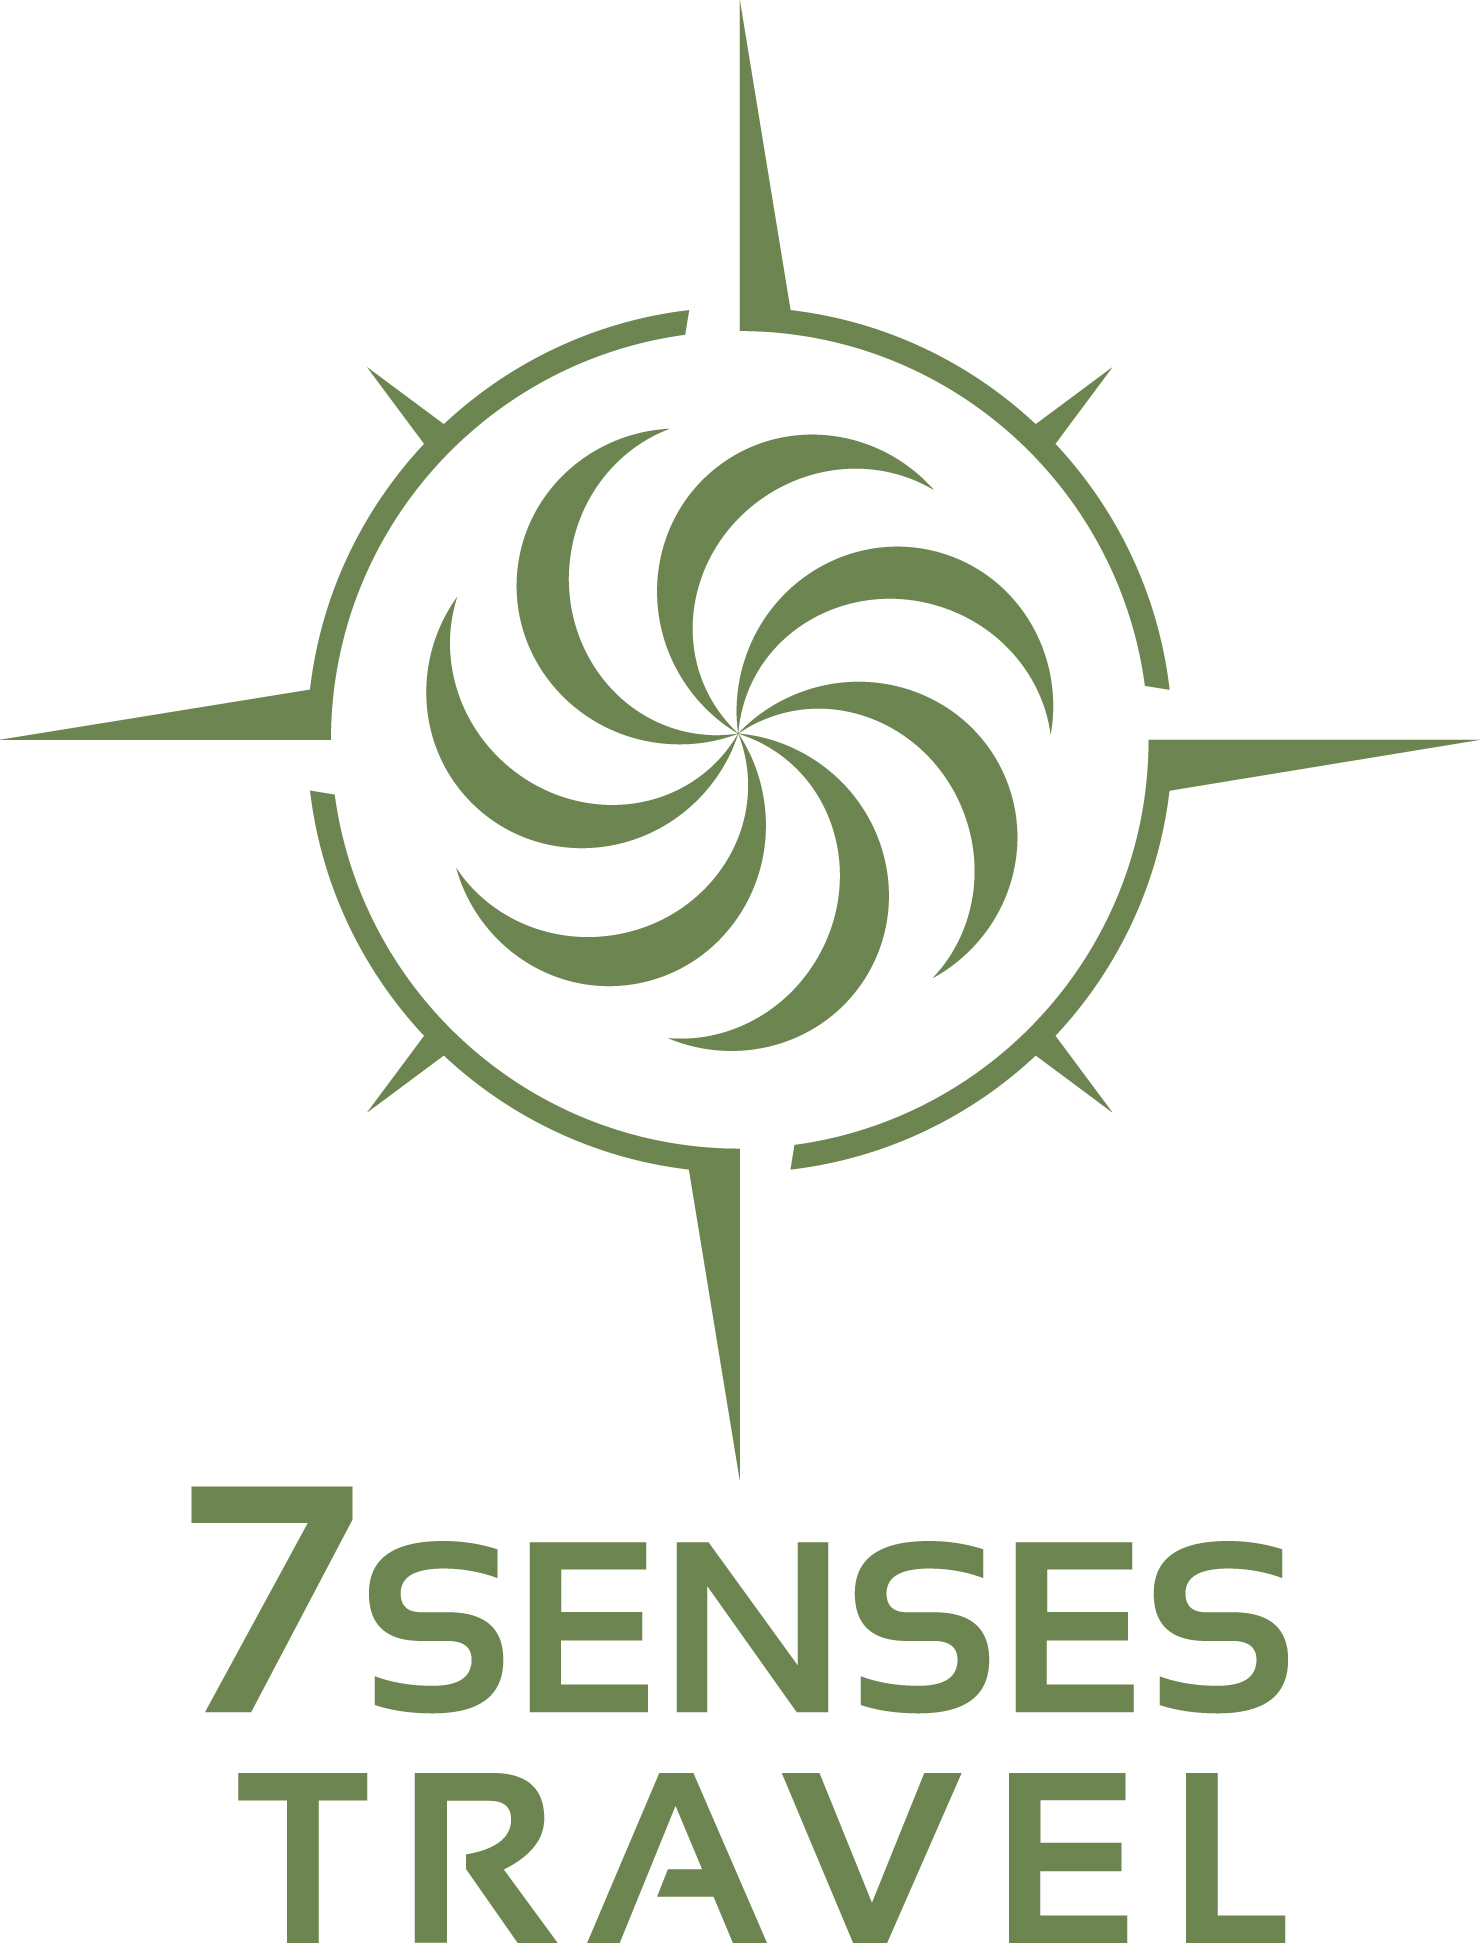 7 SENSES TRAVEL